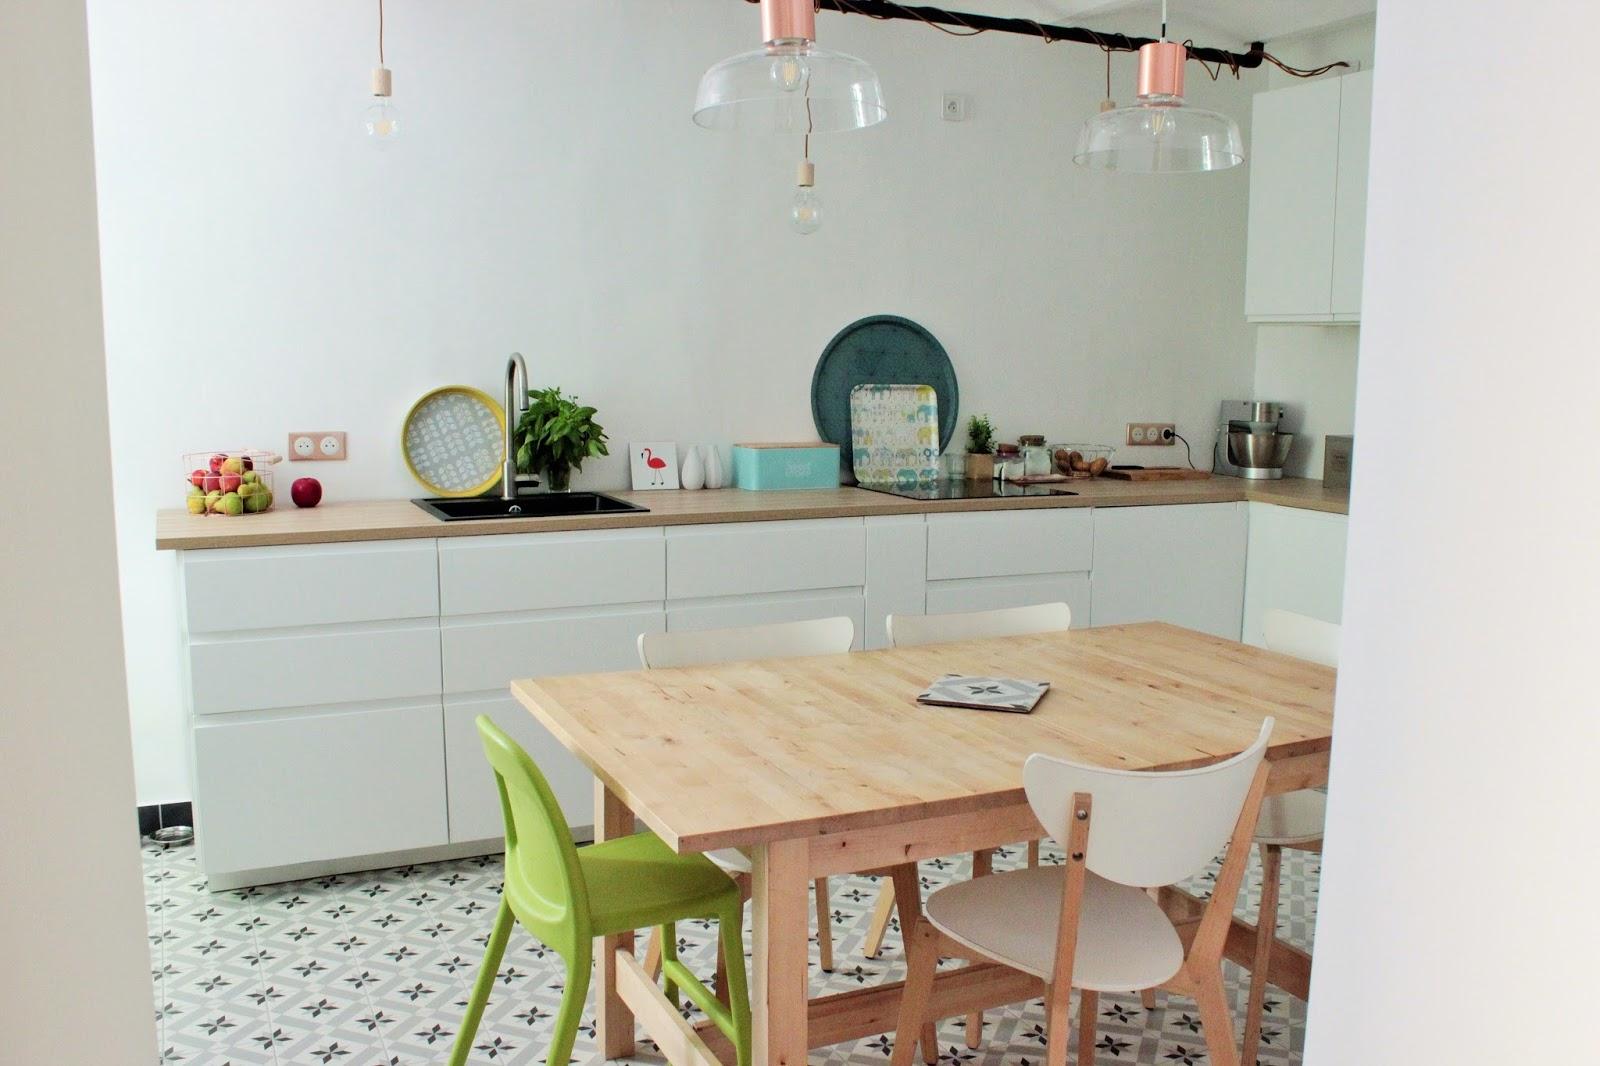 Cuisine Ikea Voxtorp Blanc Construction Maison Notre Cuisine